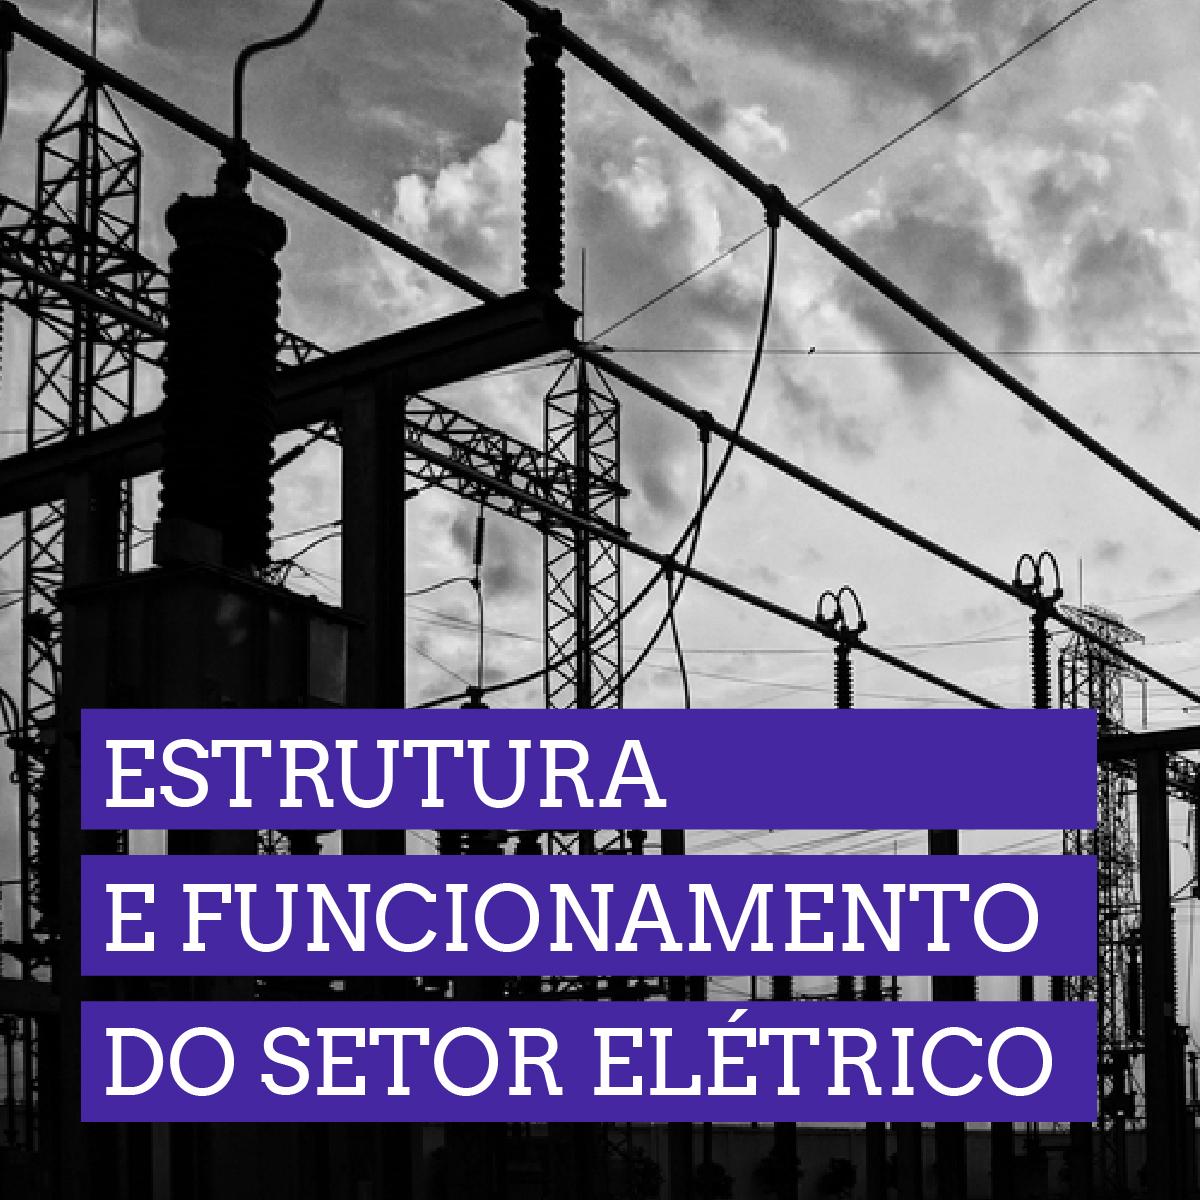 Estrutura e Funcionamento do Setor Elétrico